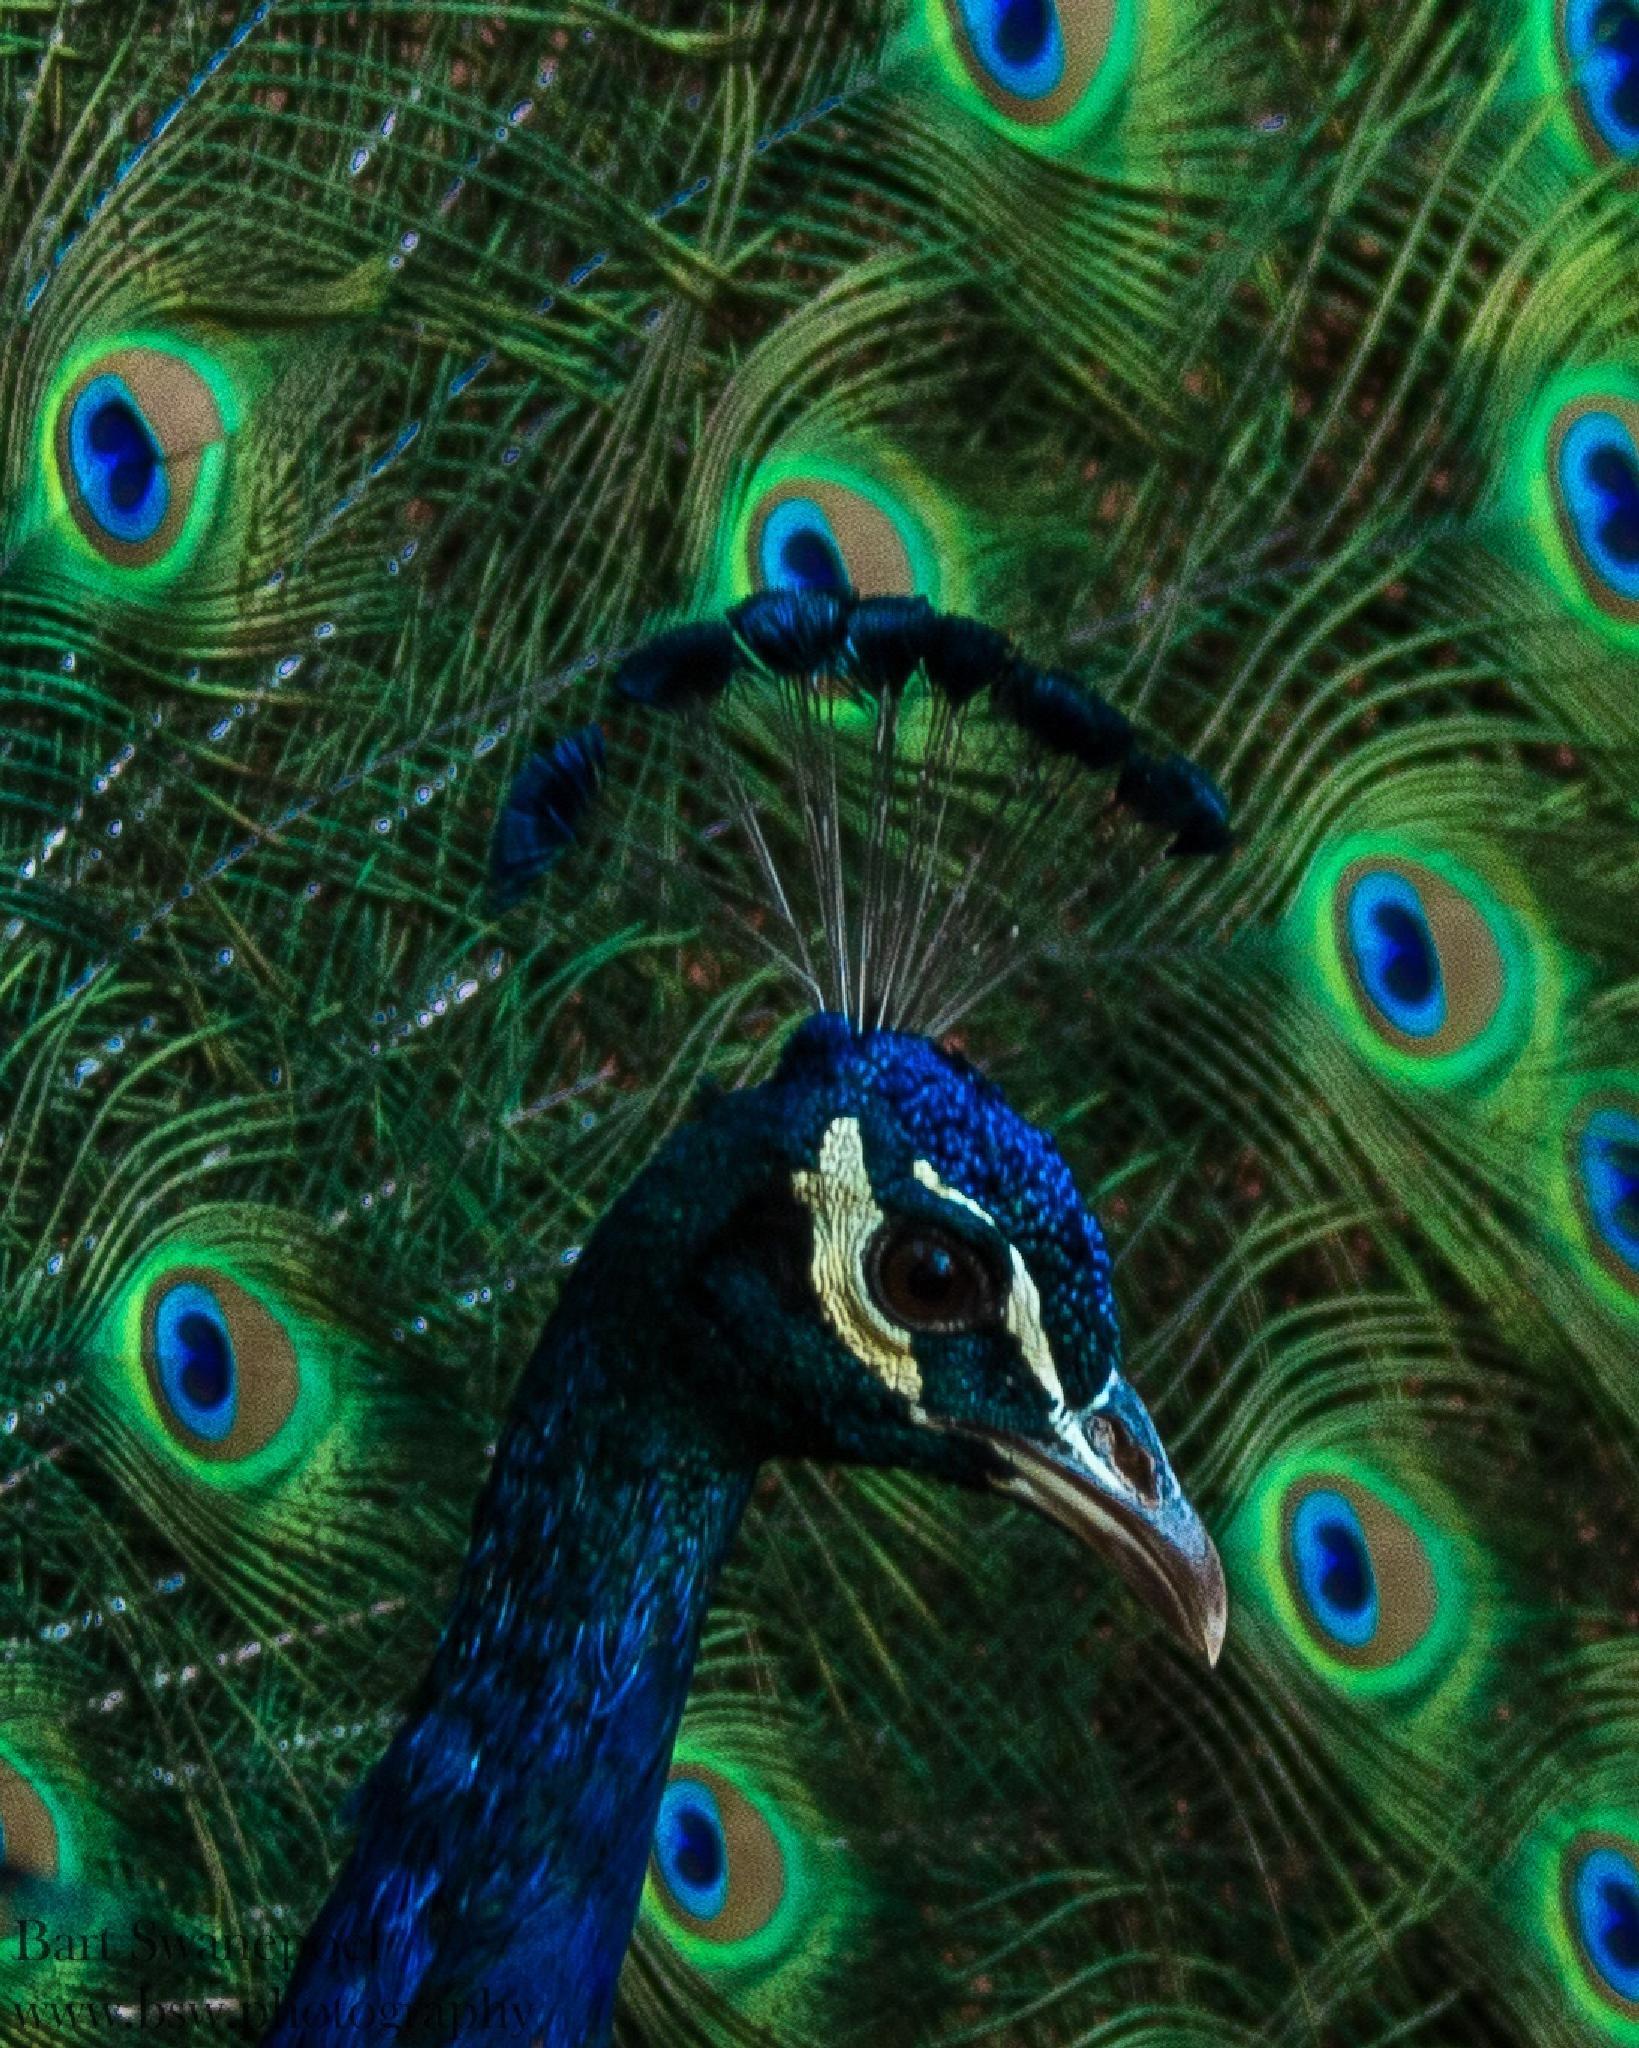 Big blue by Bart Swanepoel